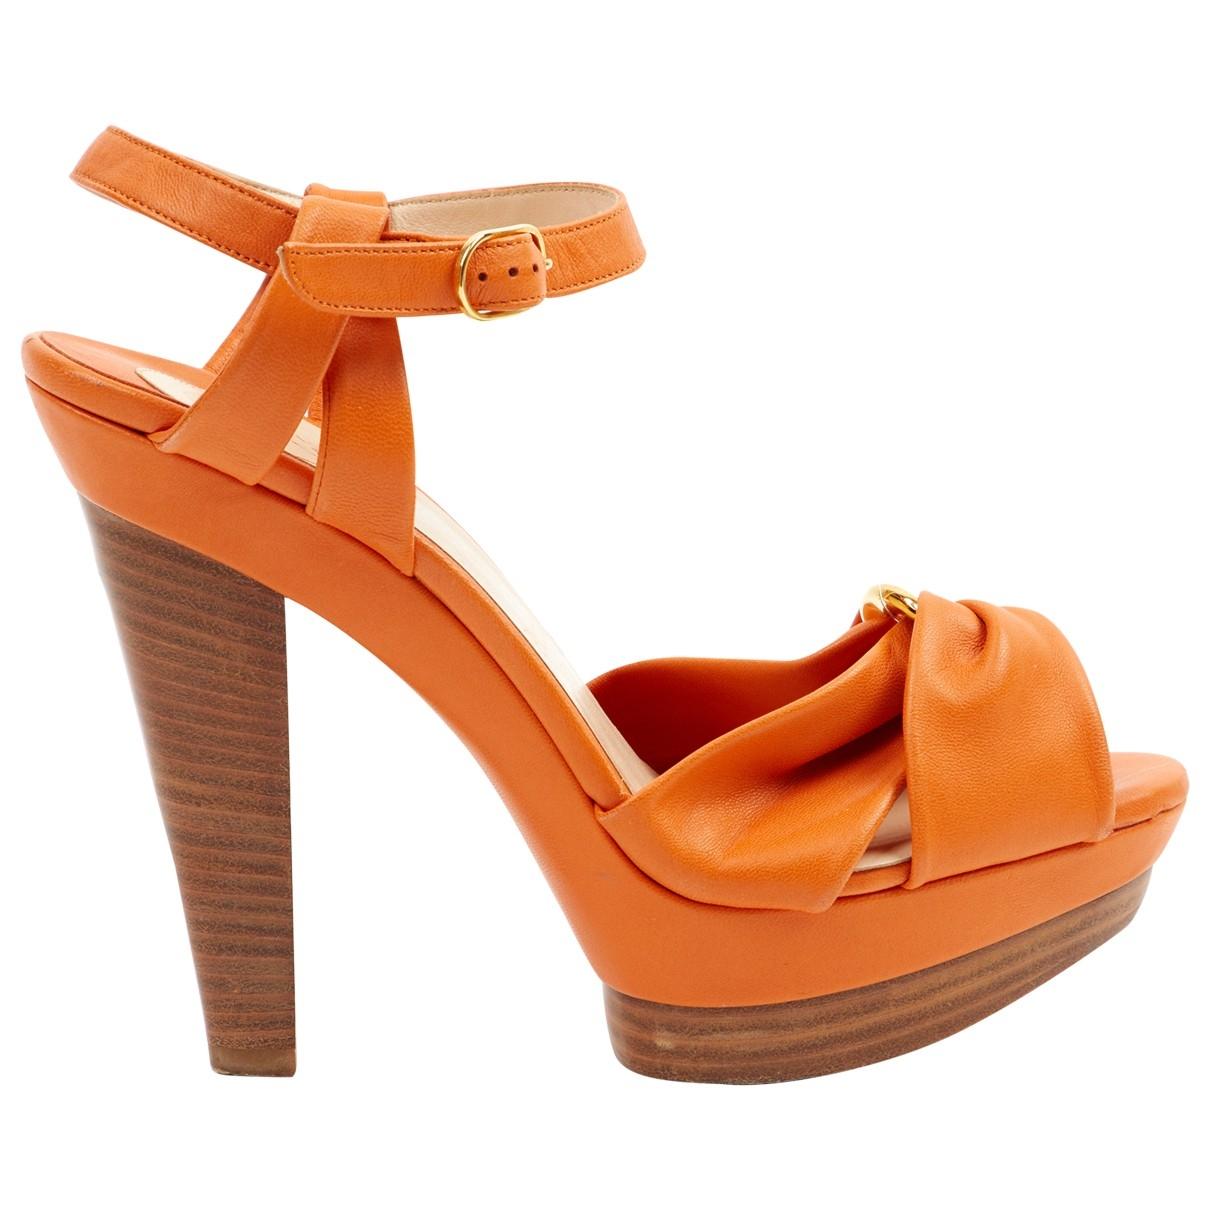 Christian Louboutin - Sandales   pour femme en cuir - orange